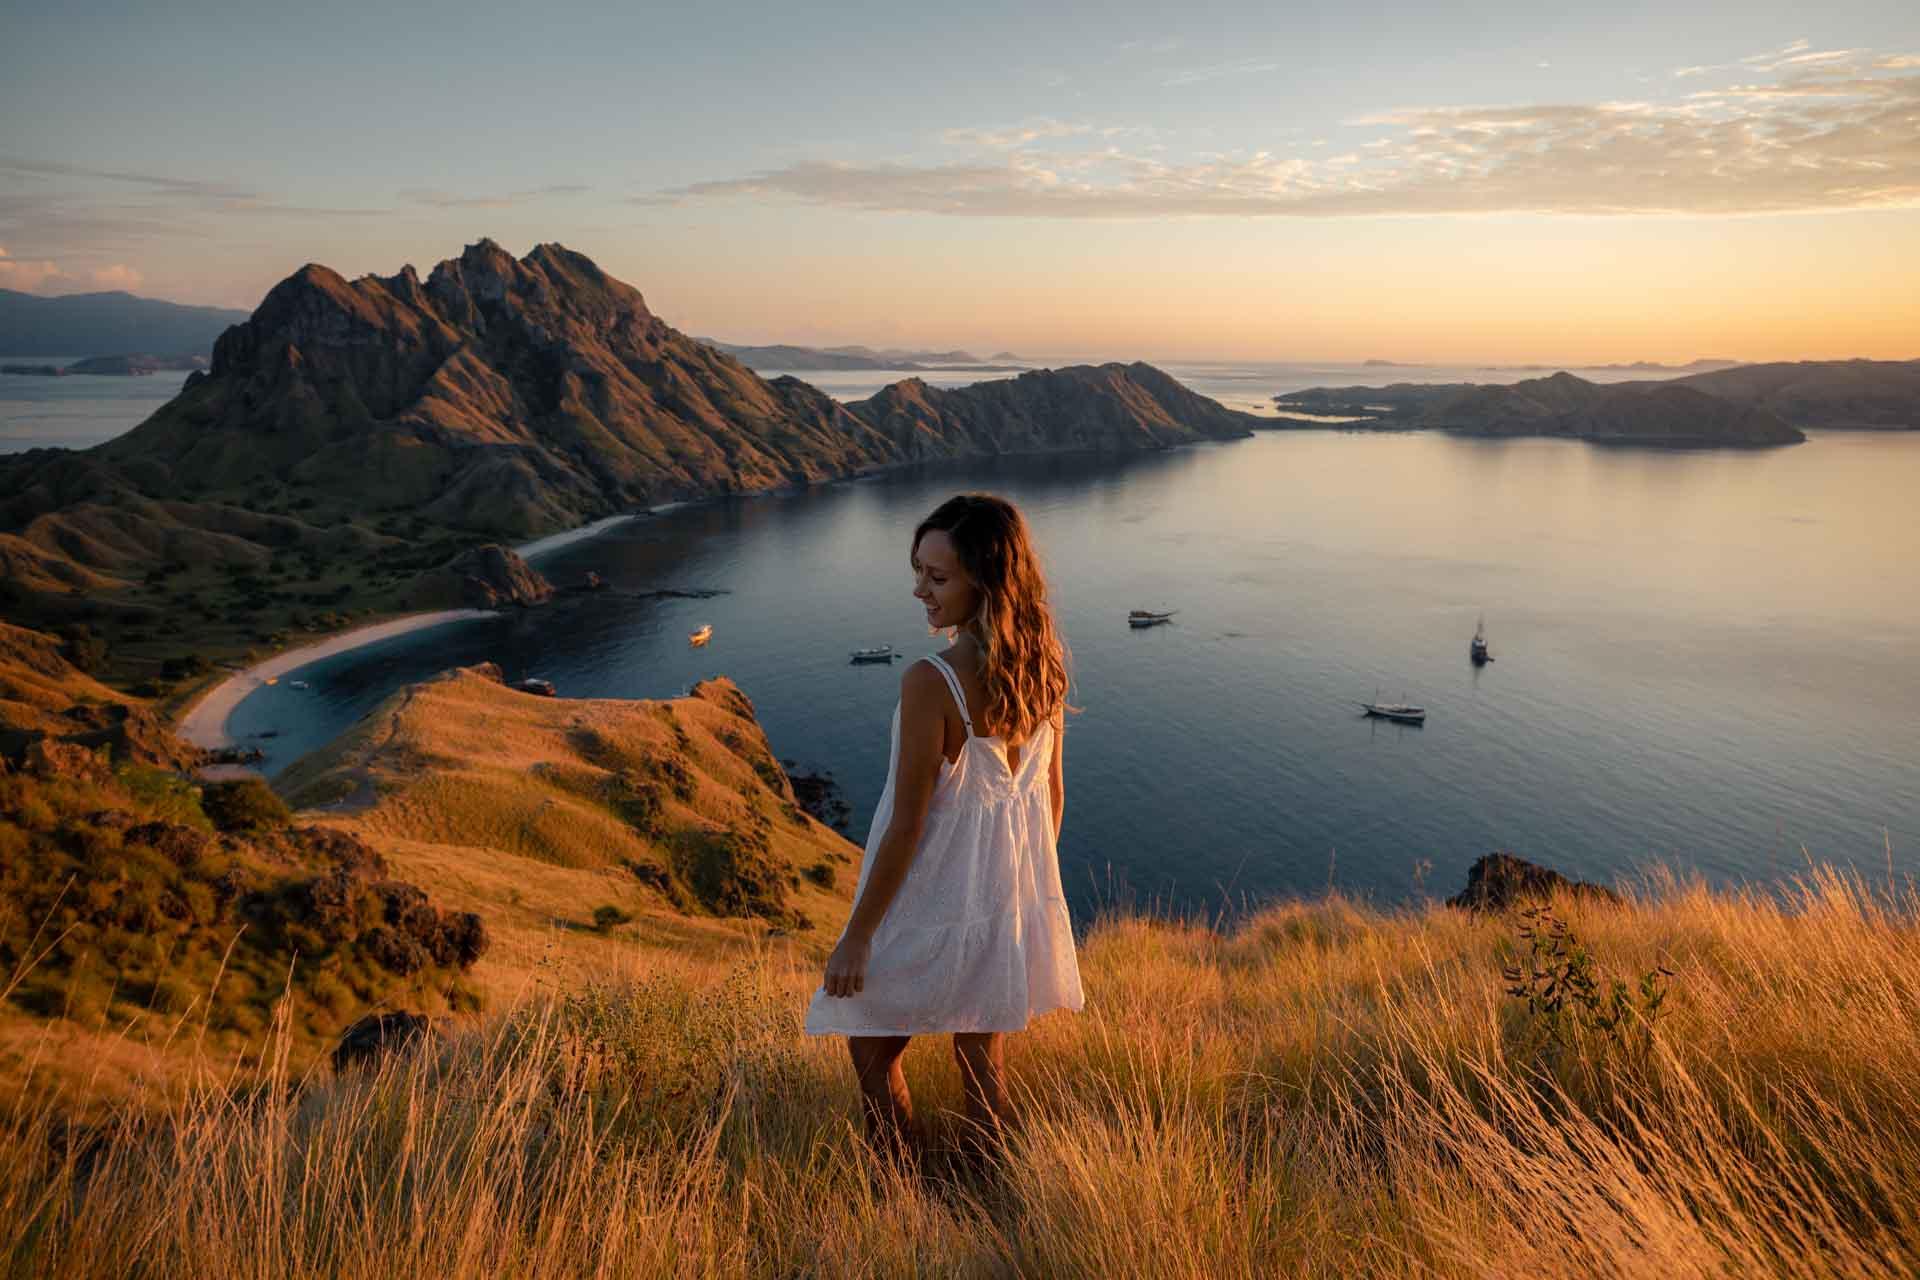 padar island, pulau padar, padar island indonesia, padar island hike, padar viewpoint, padar hike, padar island viewpoint